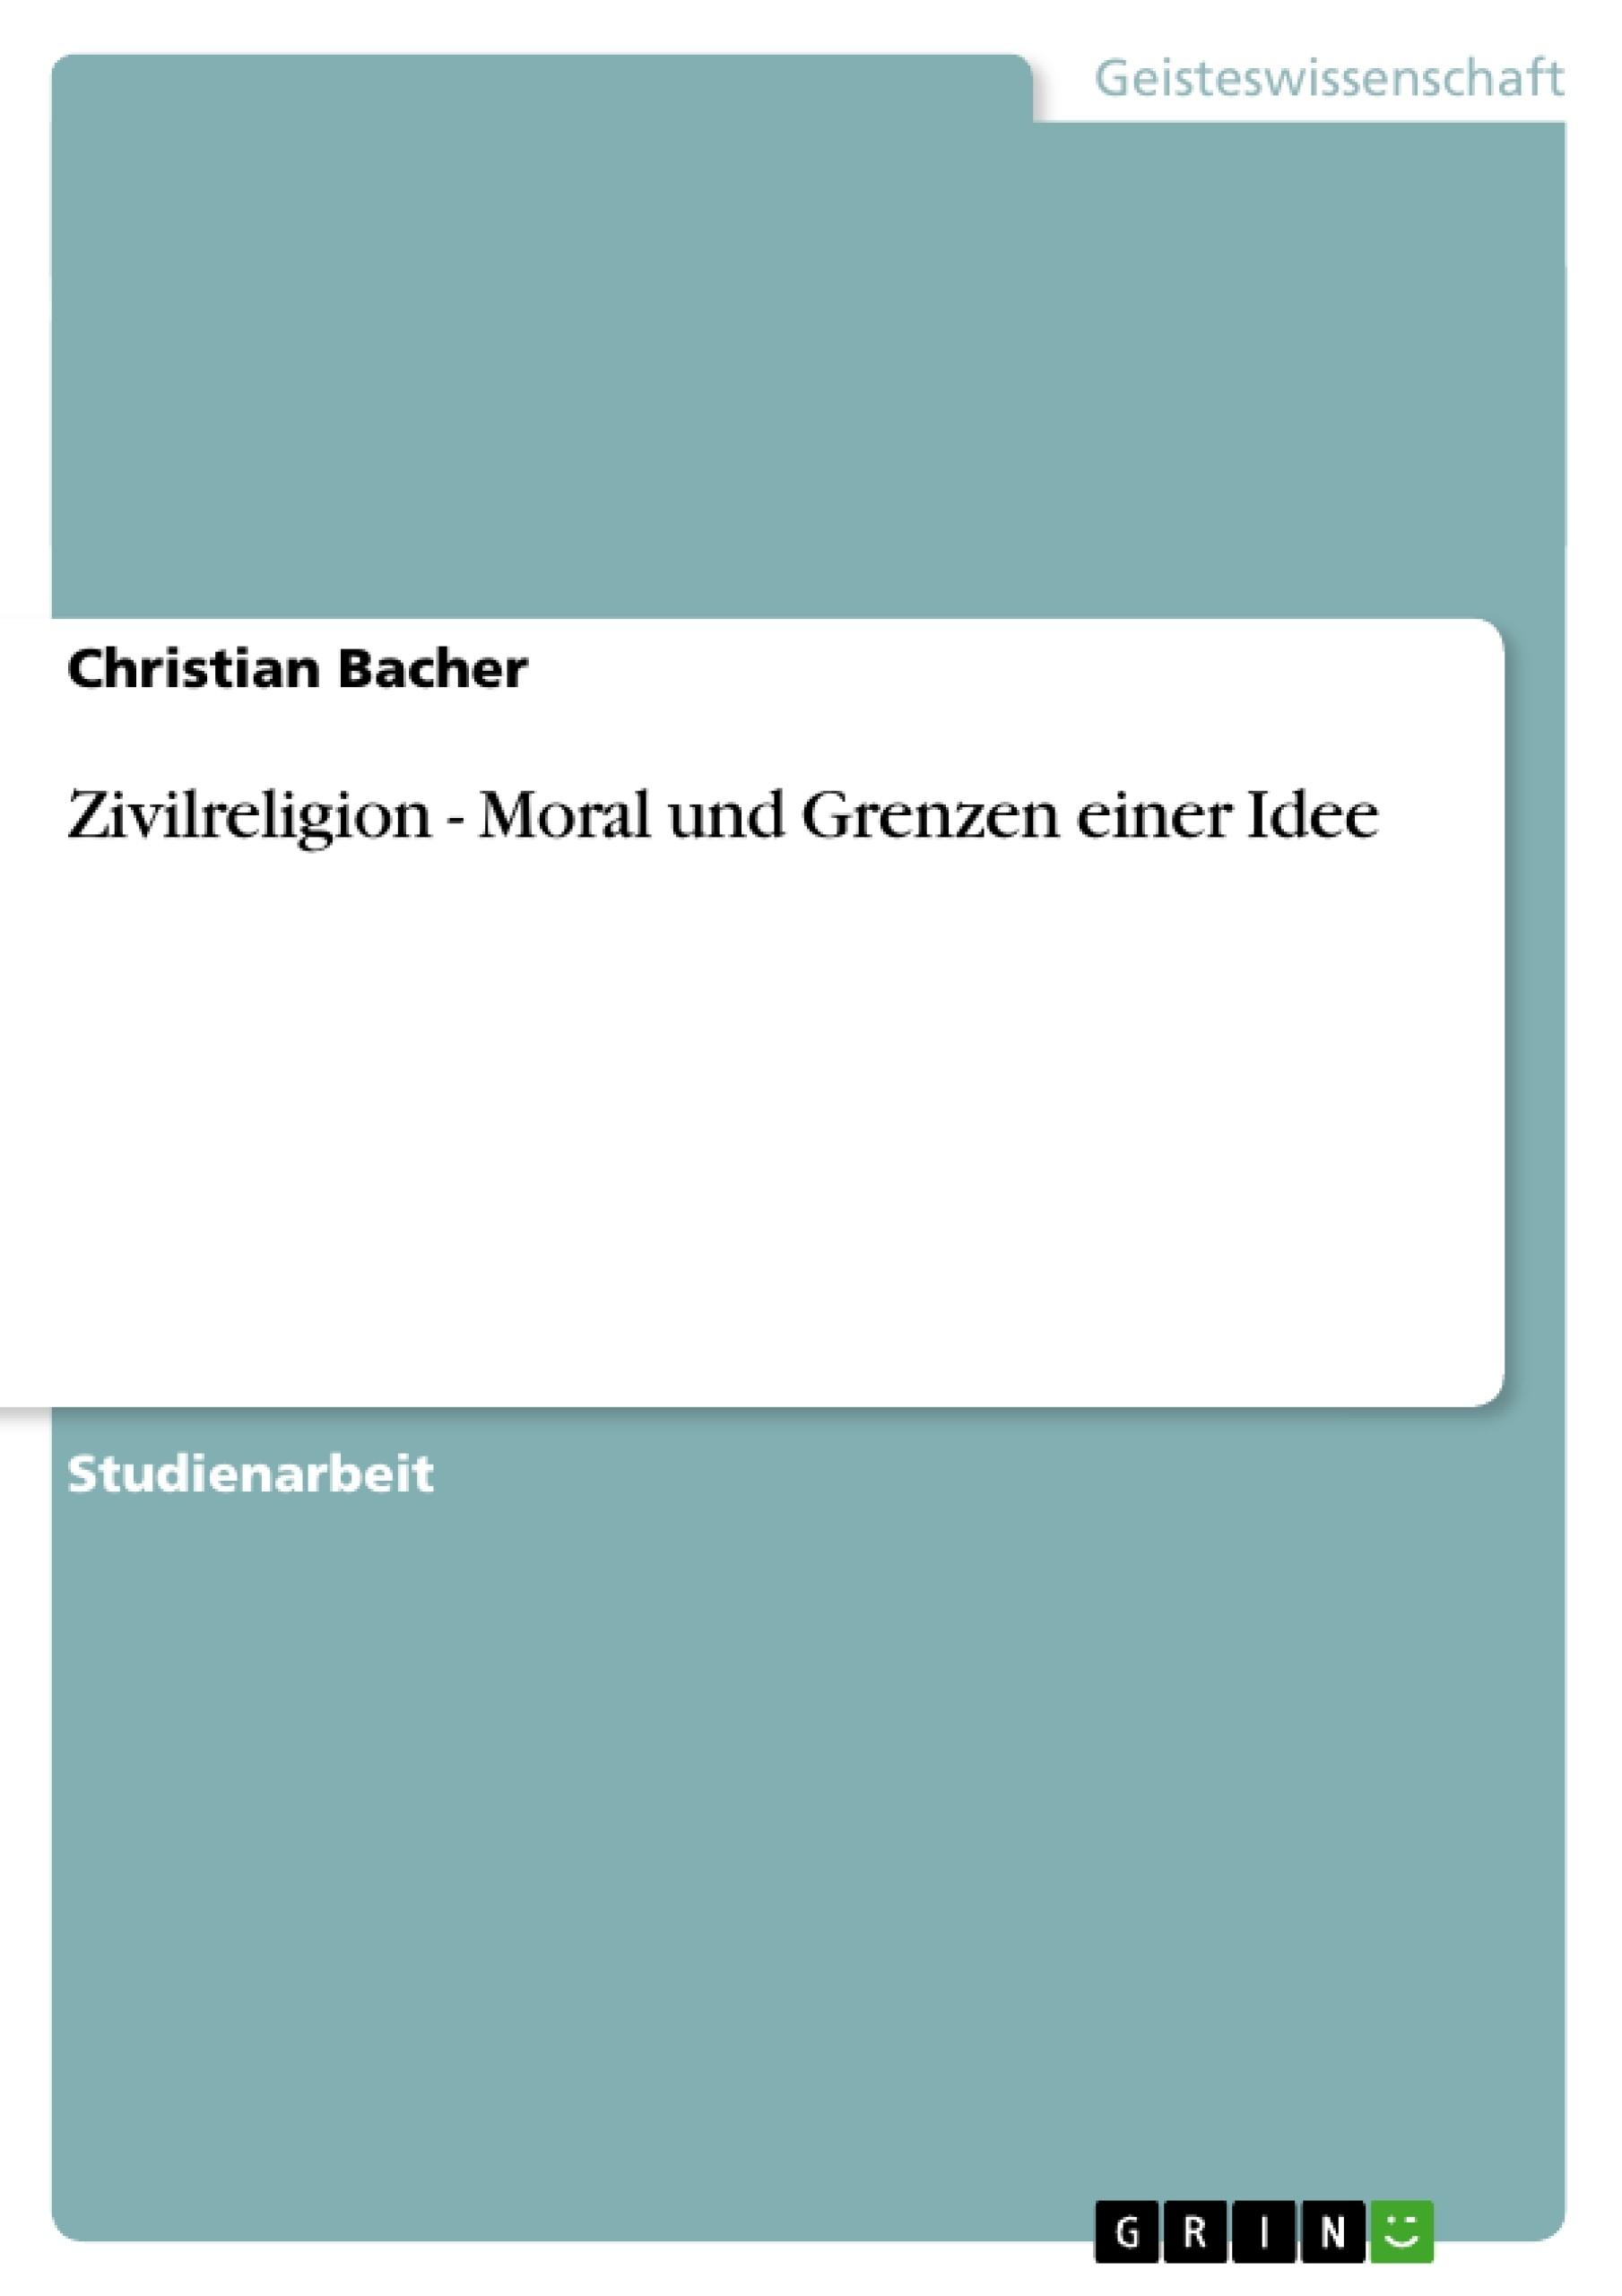 Titel: Zivilreligion - Moral und Grenzen einer Idee